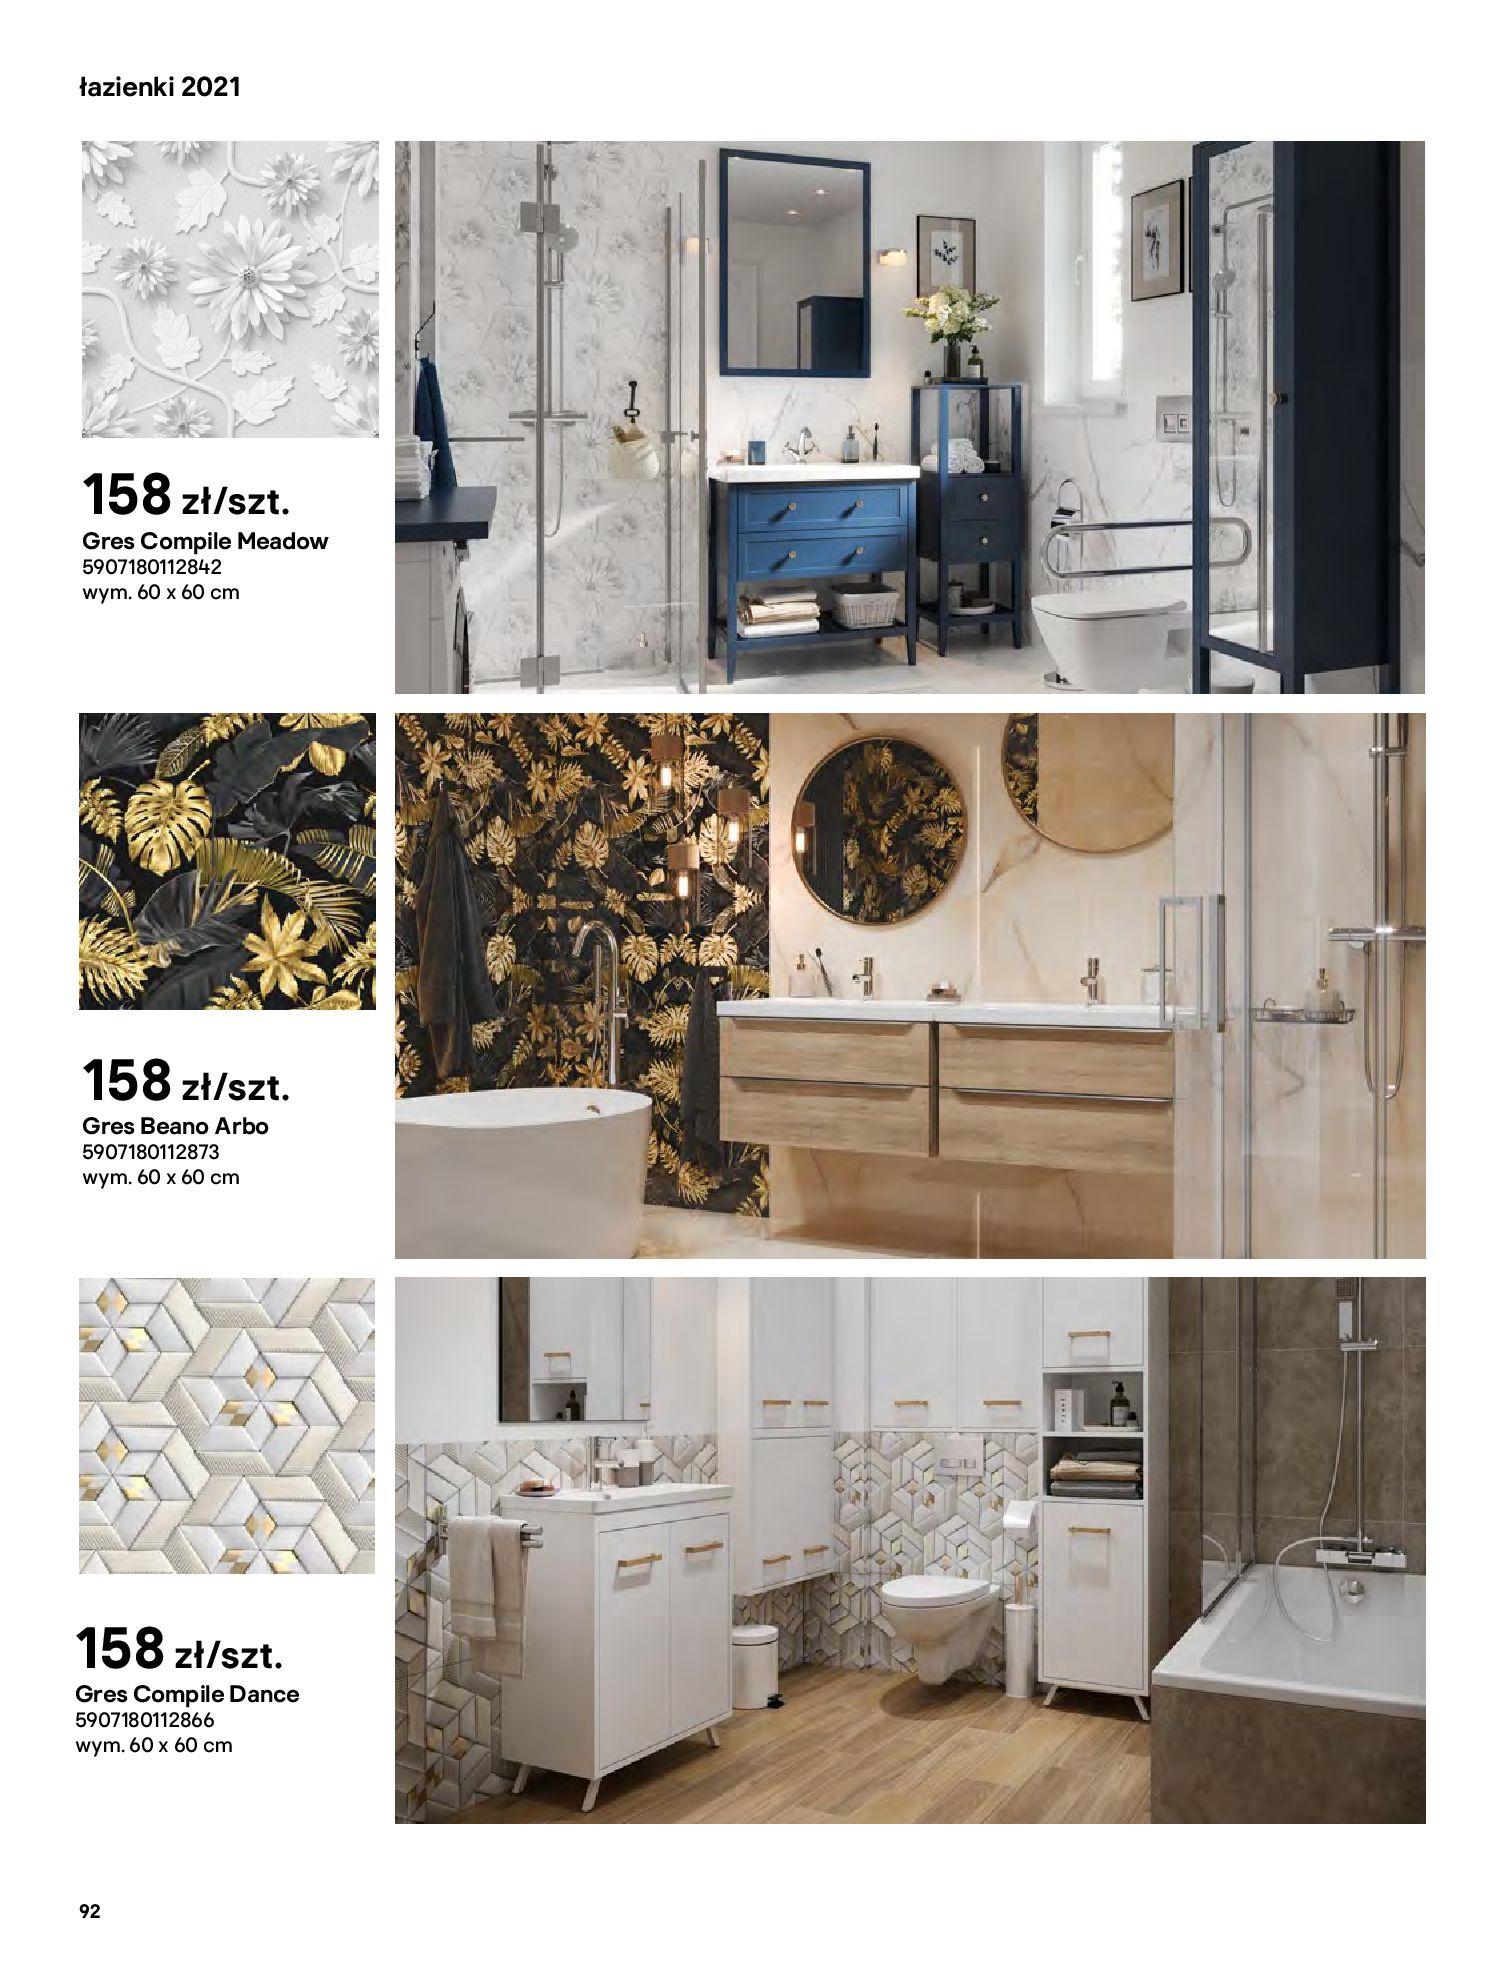 Gazetka Castorama: Gazetka Castorama - katalog łazienki 2021 2021-06-16 page-92